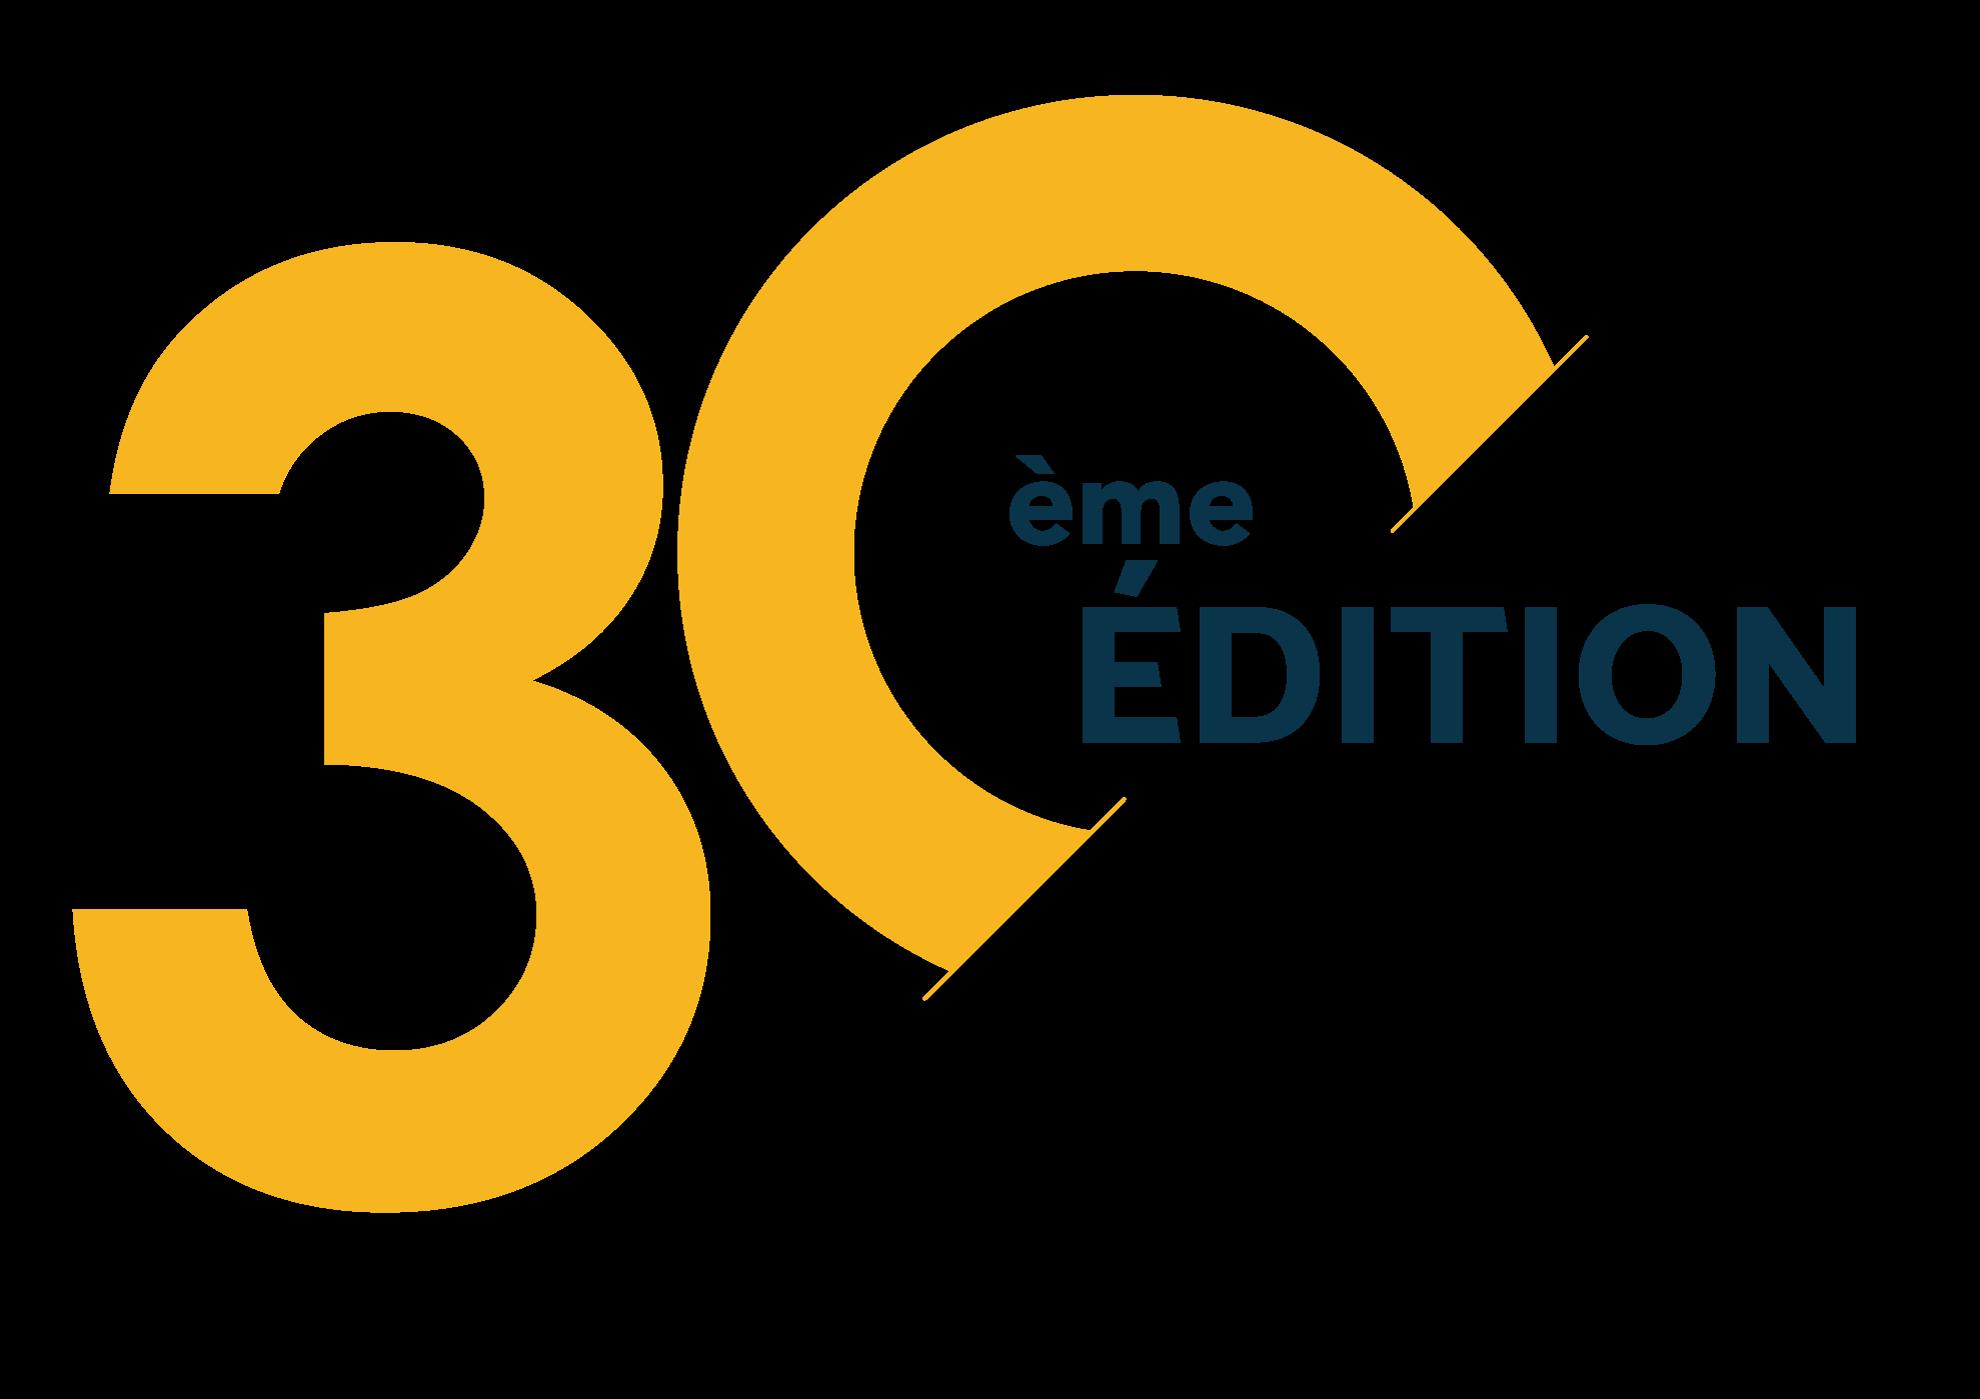 logo 30ene edition